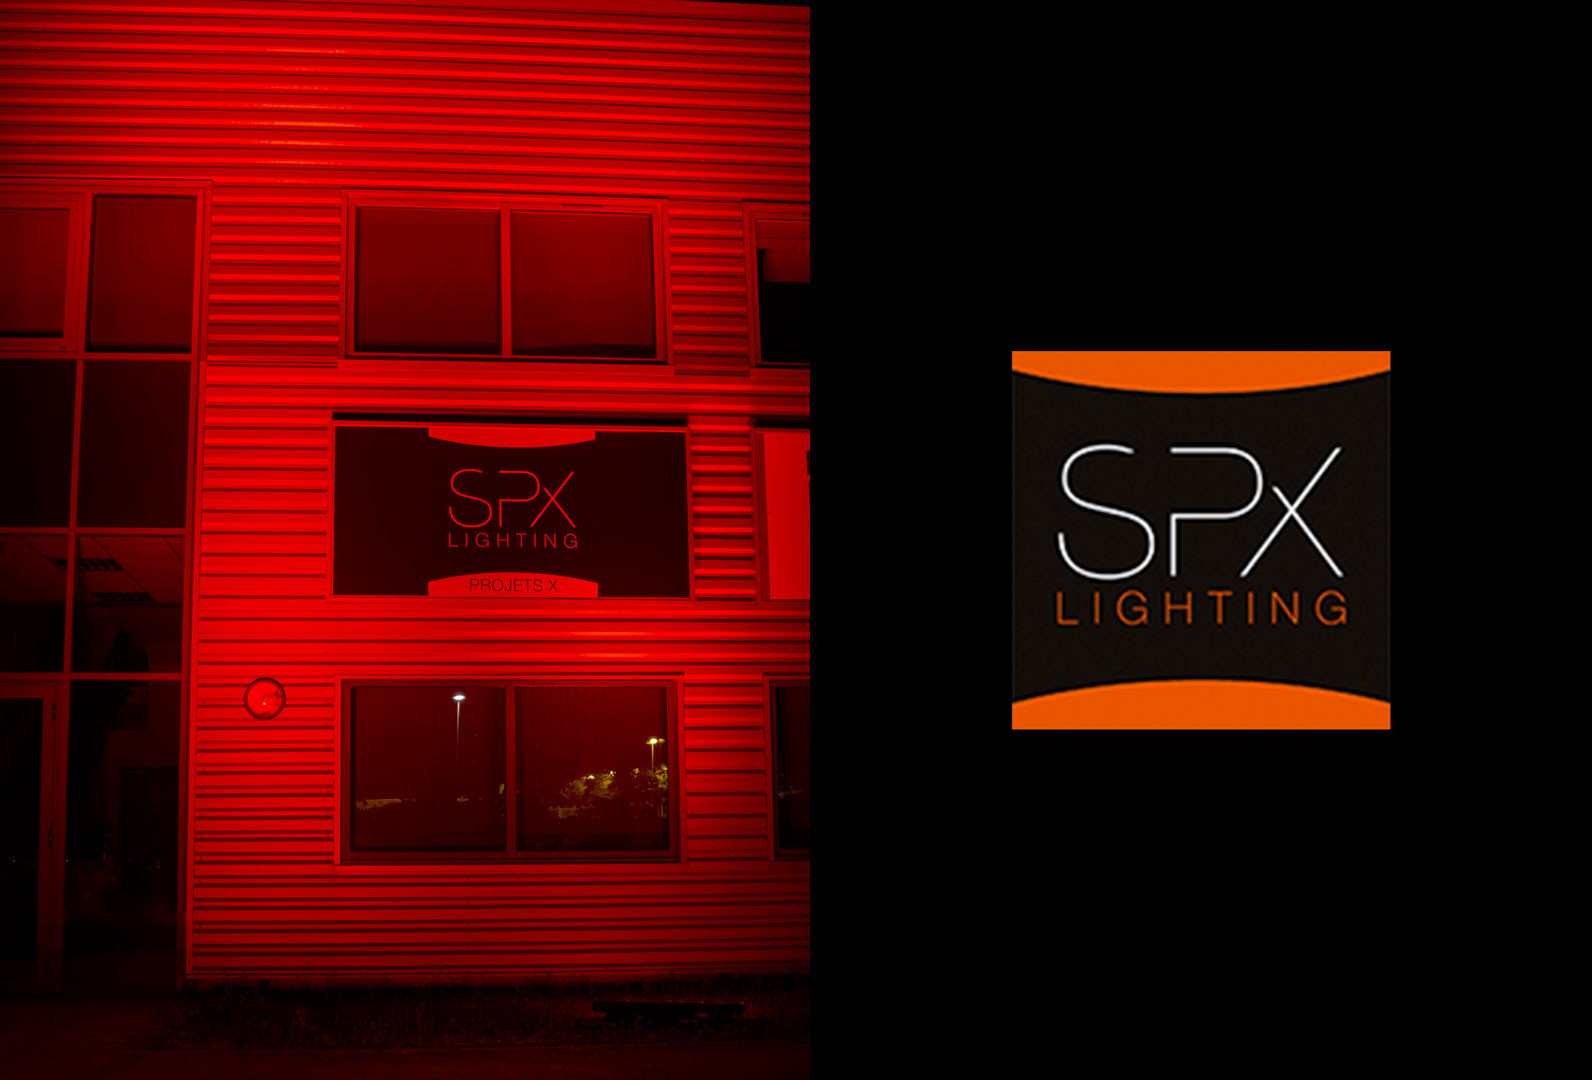 SPX Lighting